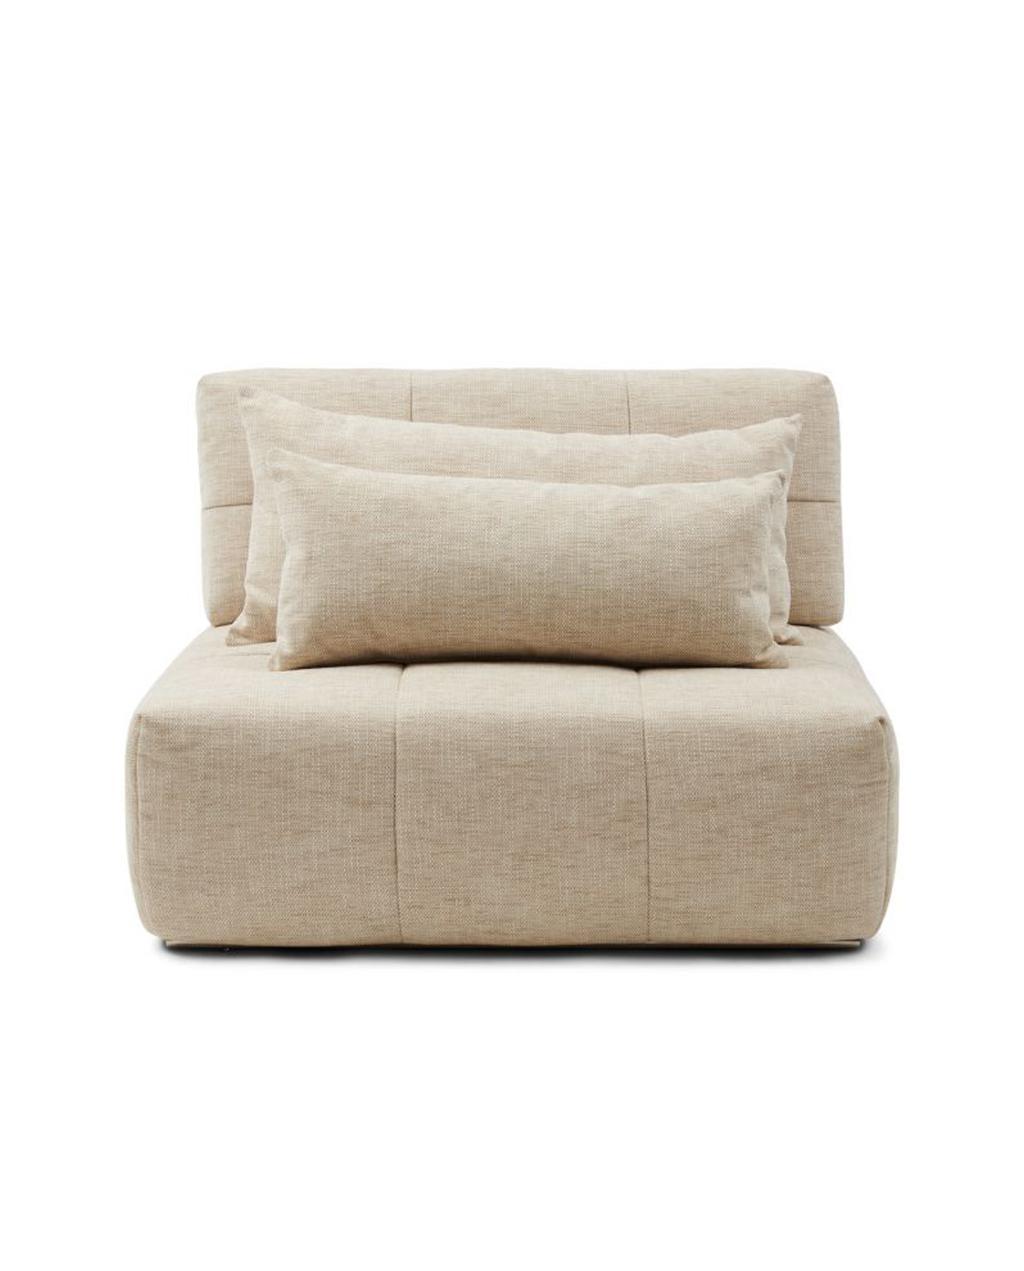 Deel van modulaire zitbank met licht grijze kleur